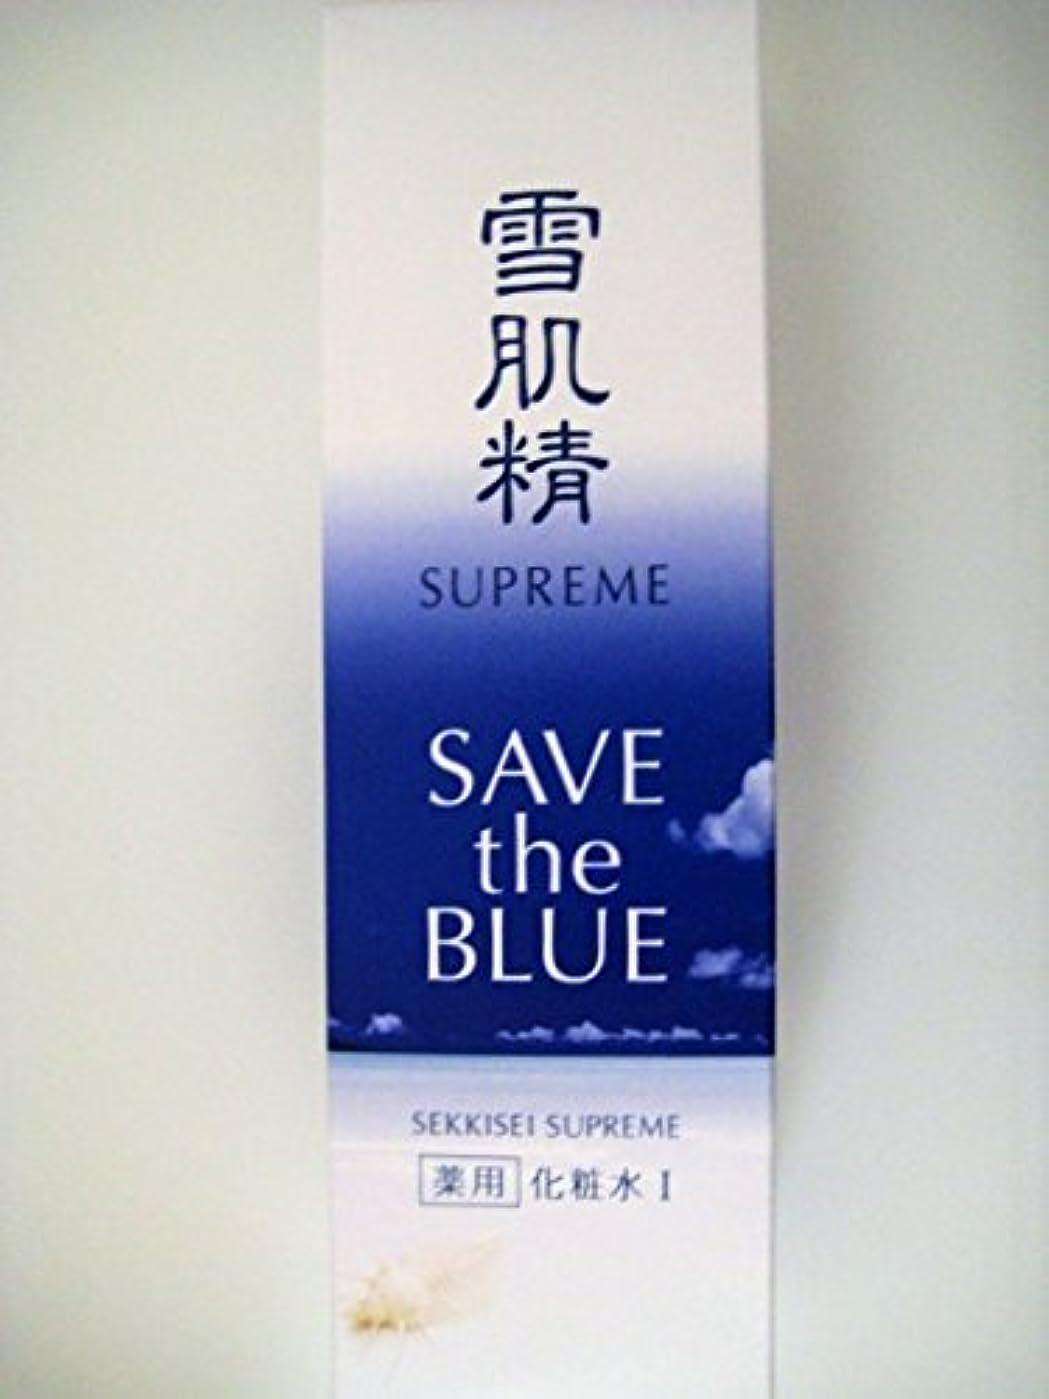 書くスチュアート島降下雪肌精 シュープレム 化粧水 Ⅰ SAVE THE BLUE 400ml